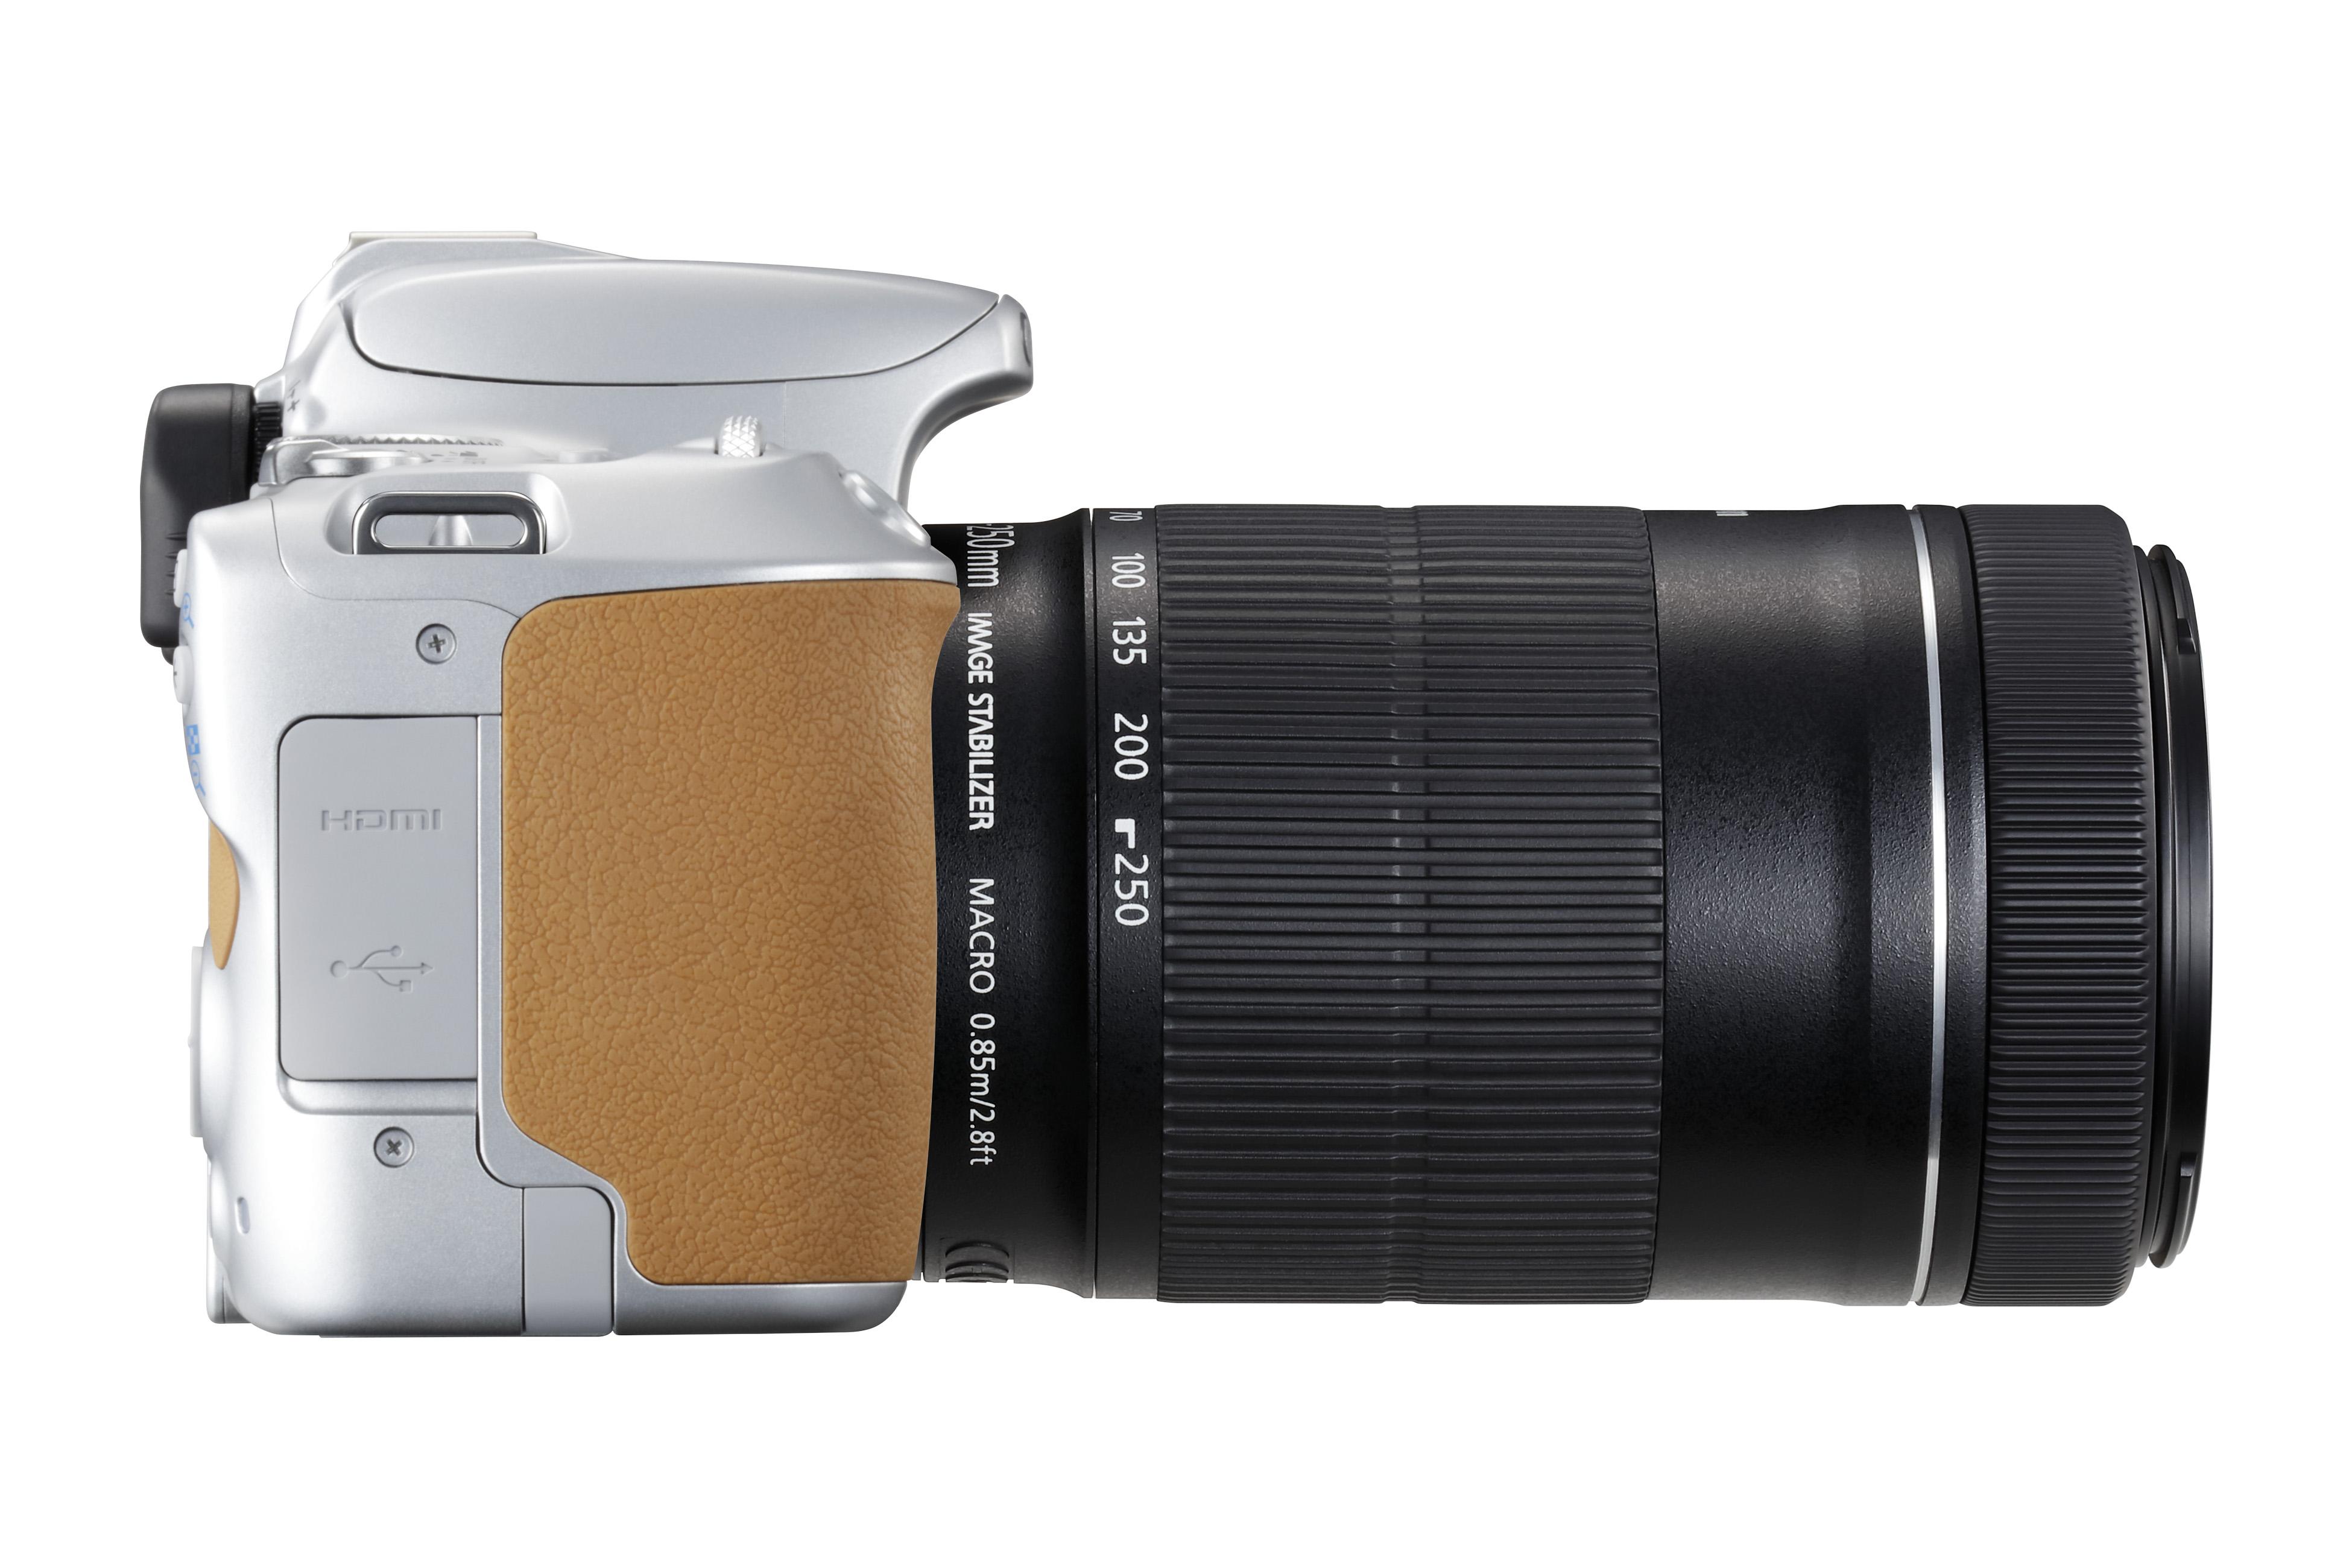 Canon EOS 200D máy ảnh DSLR gọn nhẹ, giá từ 15,5 triệu đồng